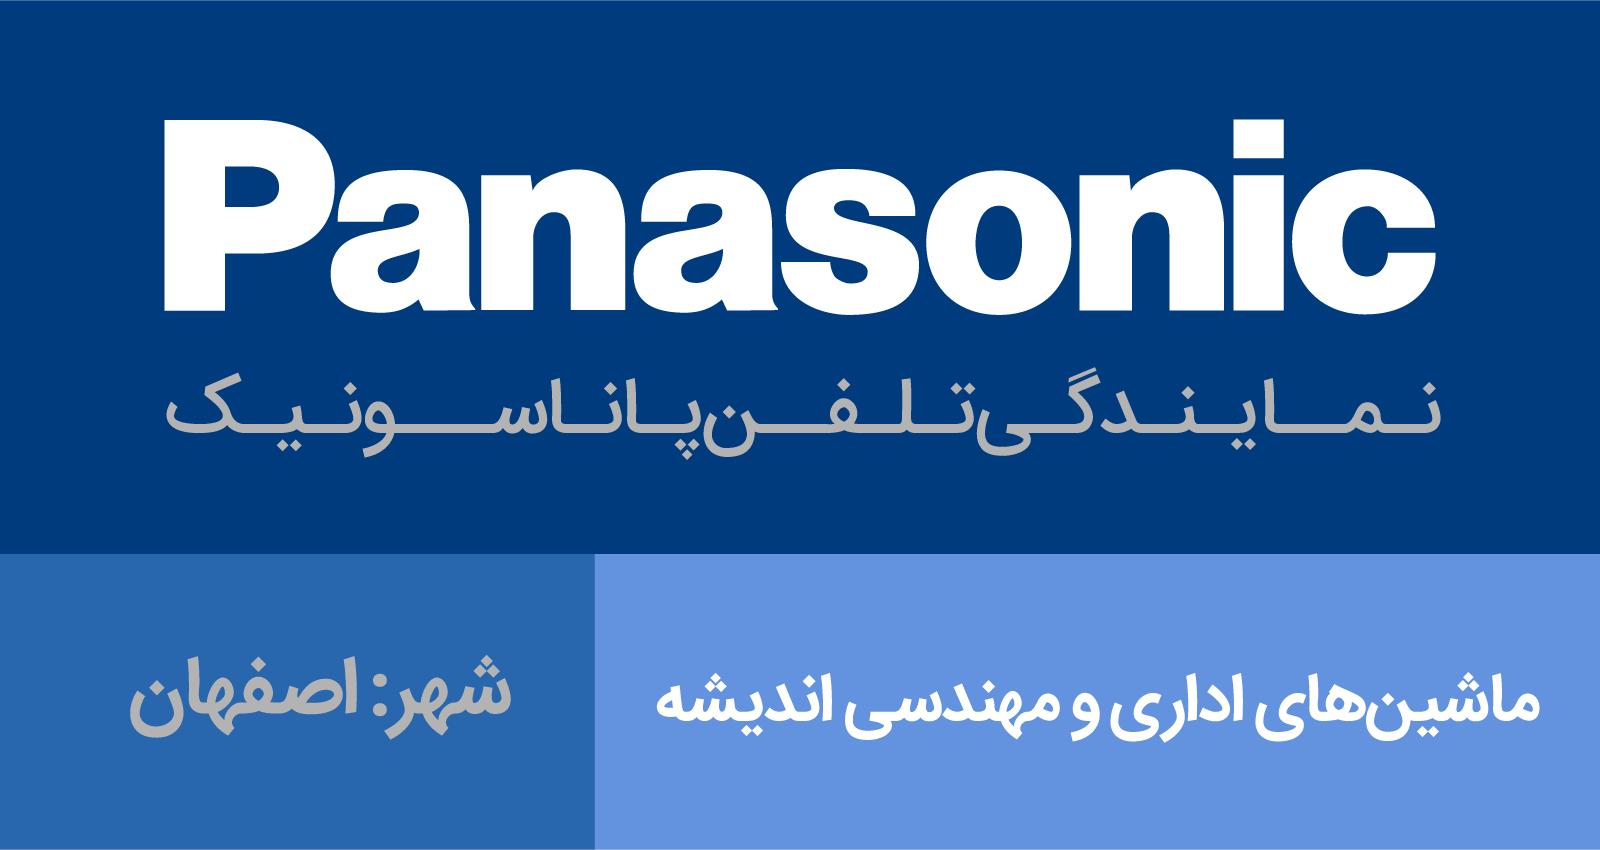 نمایندگی پاناسونیک اصفهان - ماشینهای اداری و مهندسی اندیشه